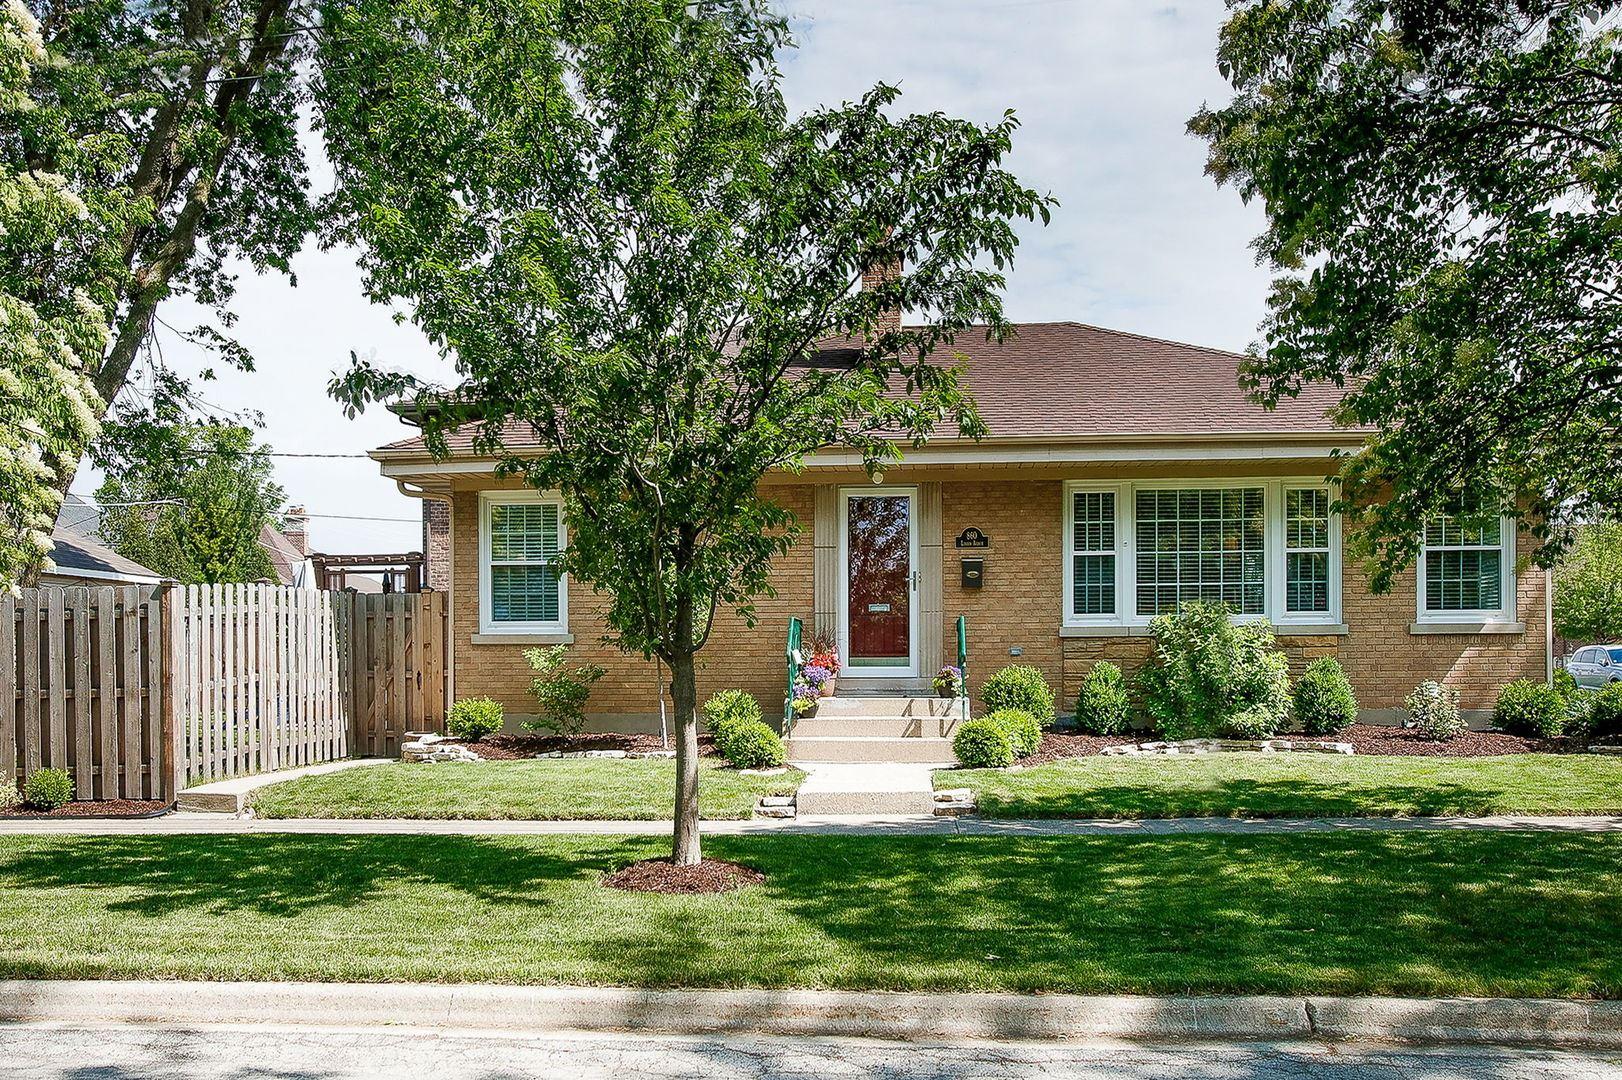 Photo of 860 S Linden Avenue, Elmhurst, IL 60126 (MLS # 11126969)